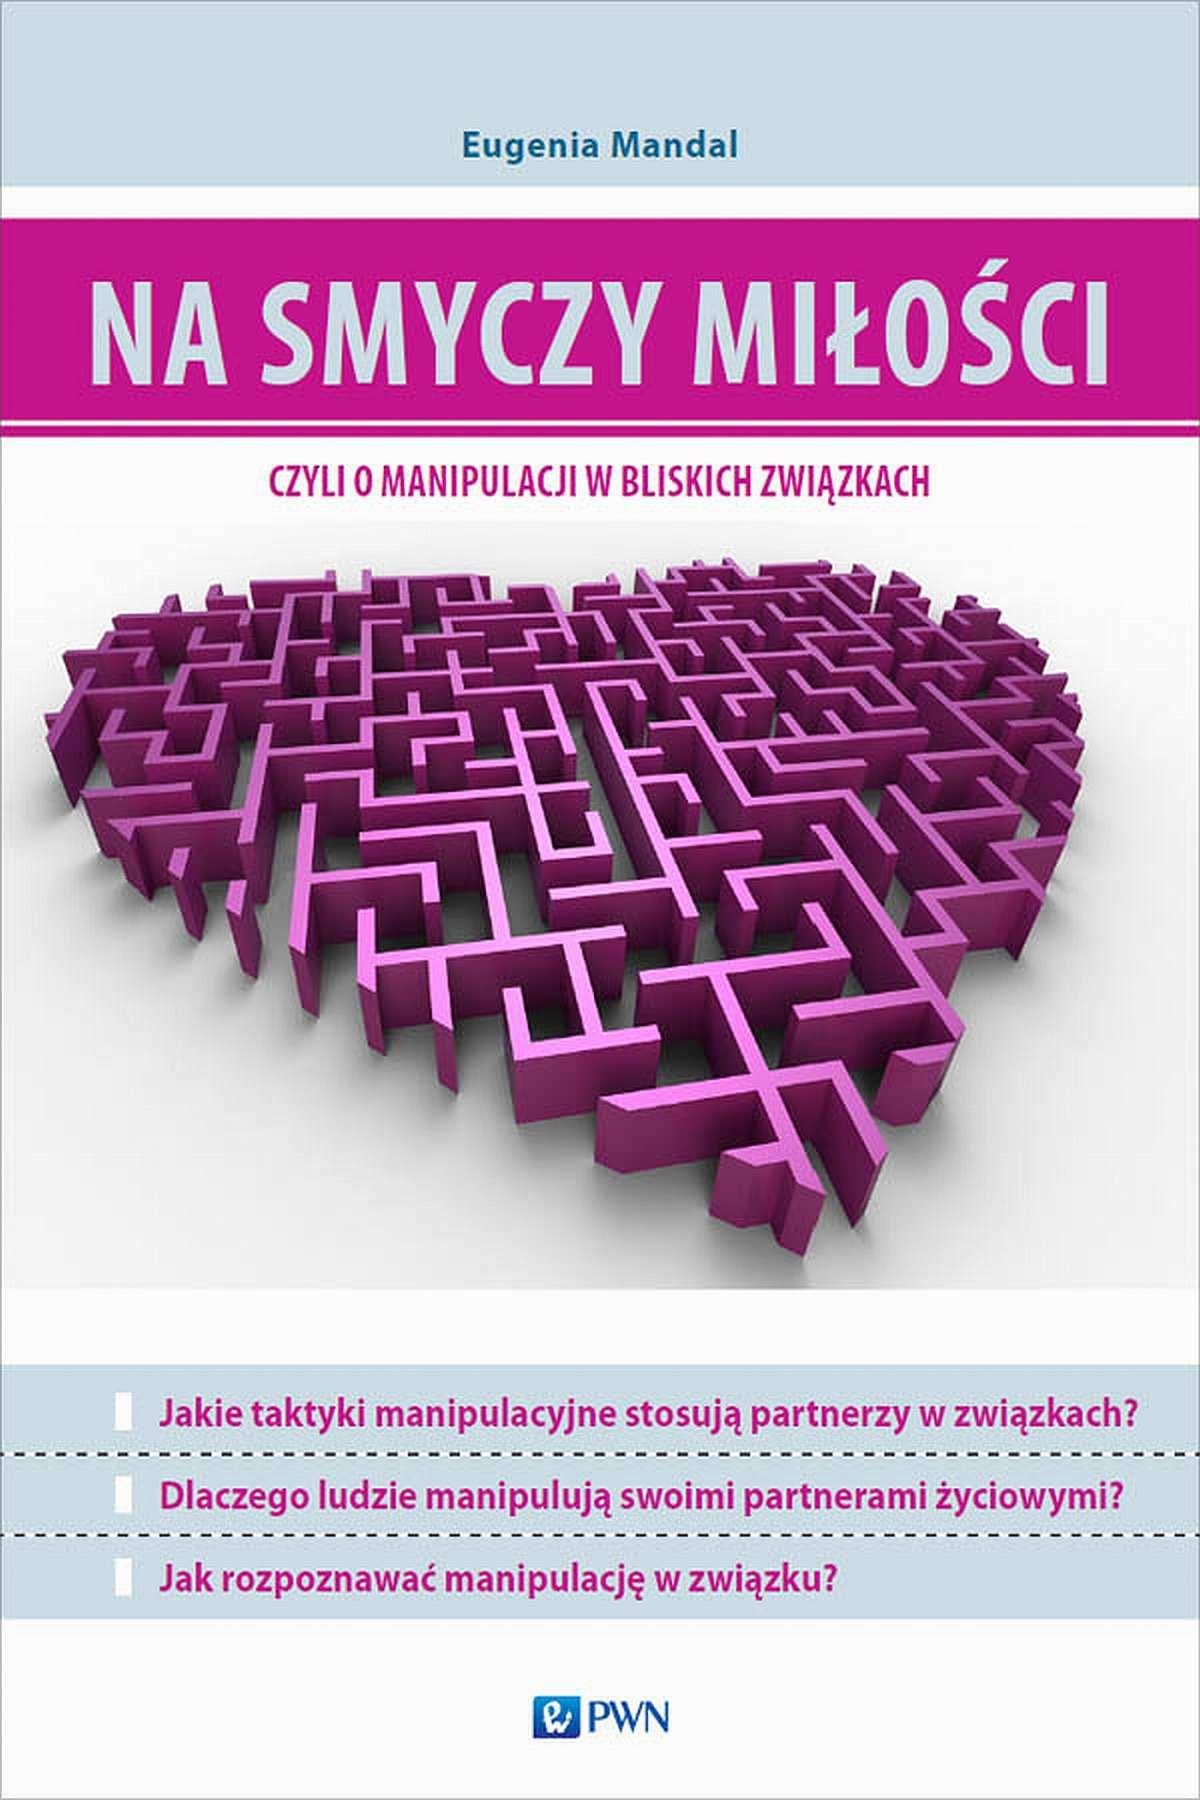 Na smyczy miłości, czyli o manipulacji w bliskich związkach - Ebook (Książka na Kindle) do pobrania w formacie MOBI